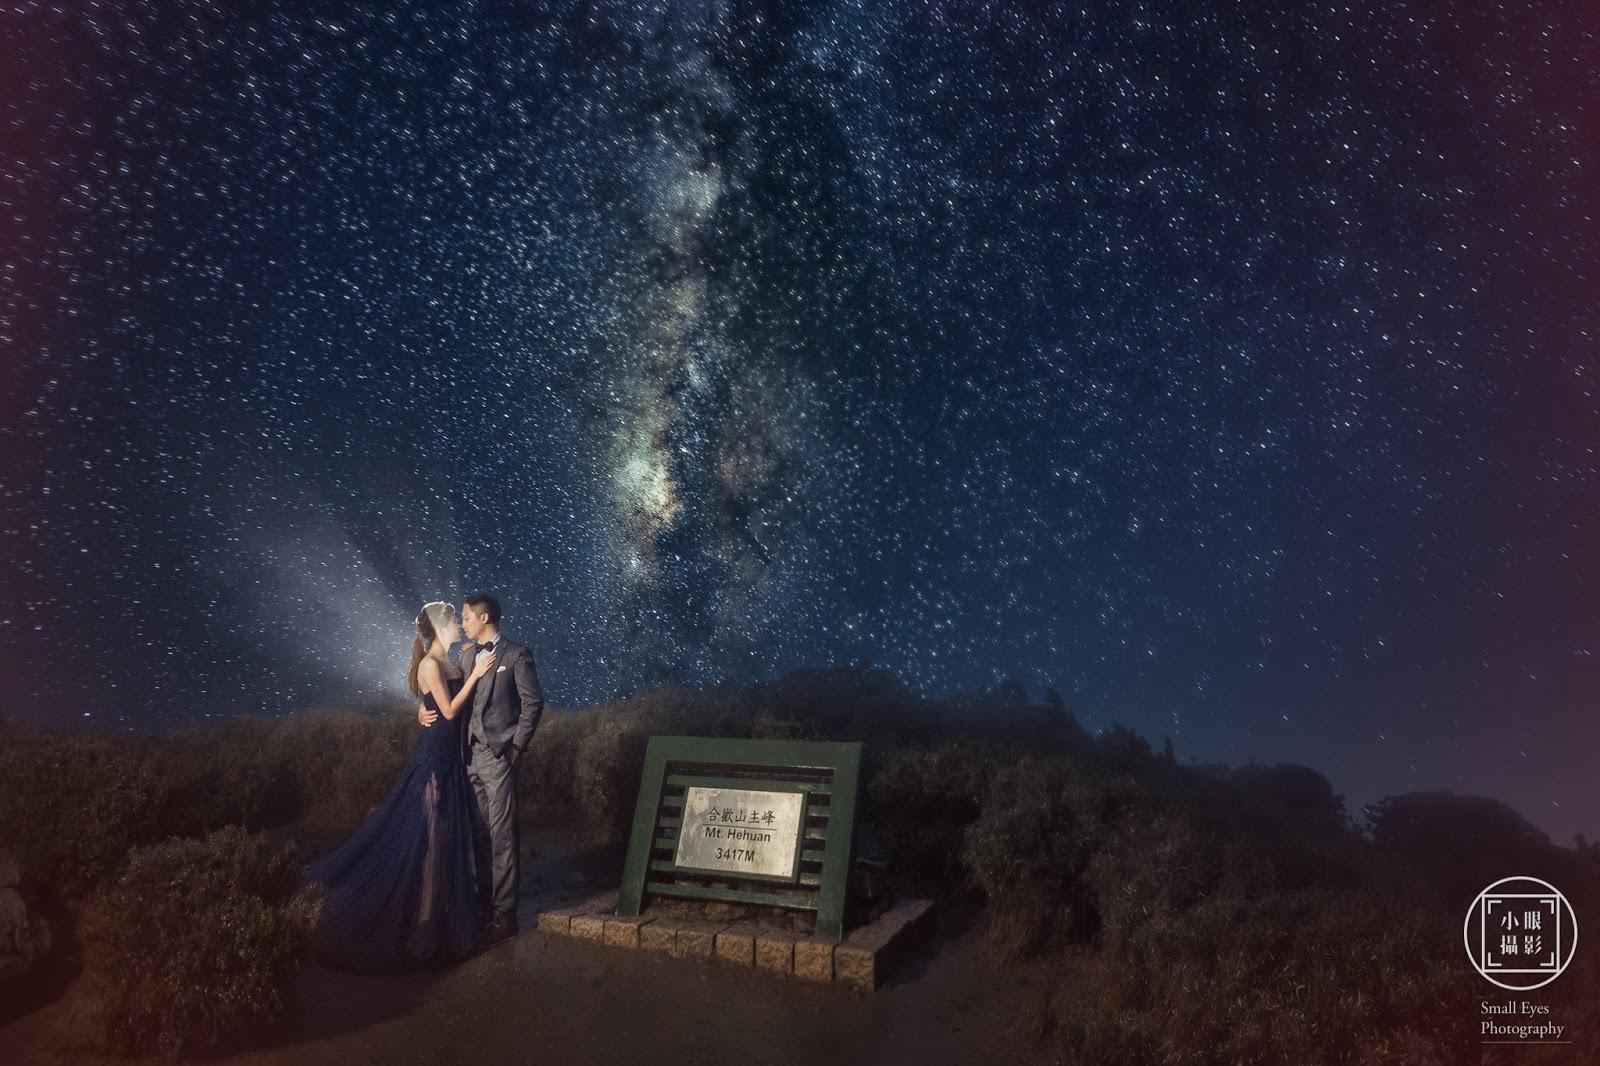 婚攝,小眼攝影,婚禮紀實,婚禮紀錄,婚紗,國內婚紗,海外婚紗,寫真,婚攝小眼,人像寫真,自主婚紗,自助婚紗,銀河婚紗,銀河,合歡山,武嶺,夏天,星星,登山,高山,夜景,夜拍,星空